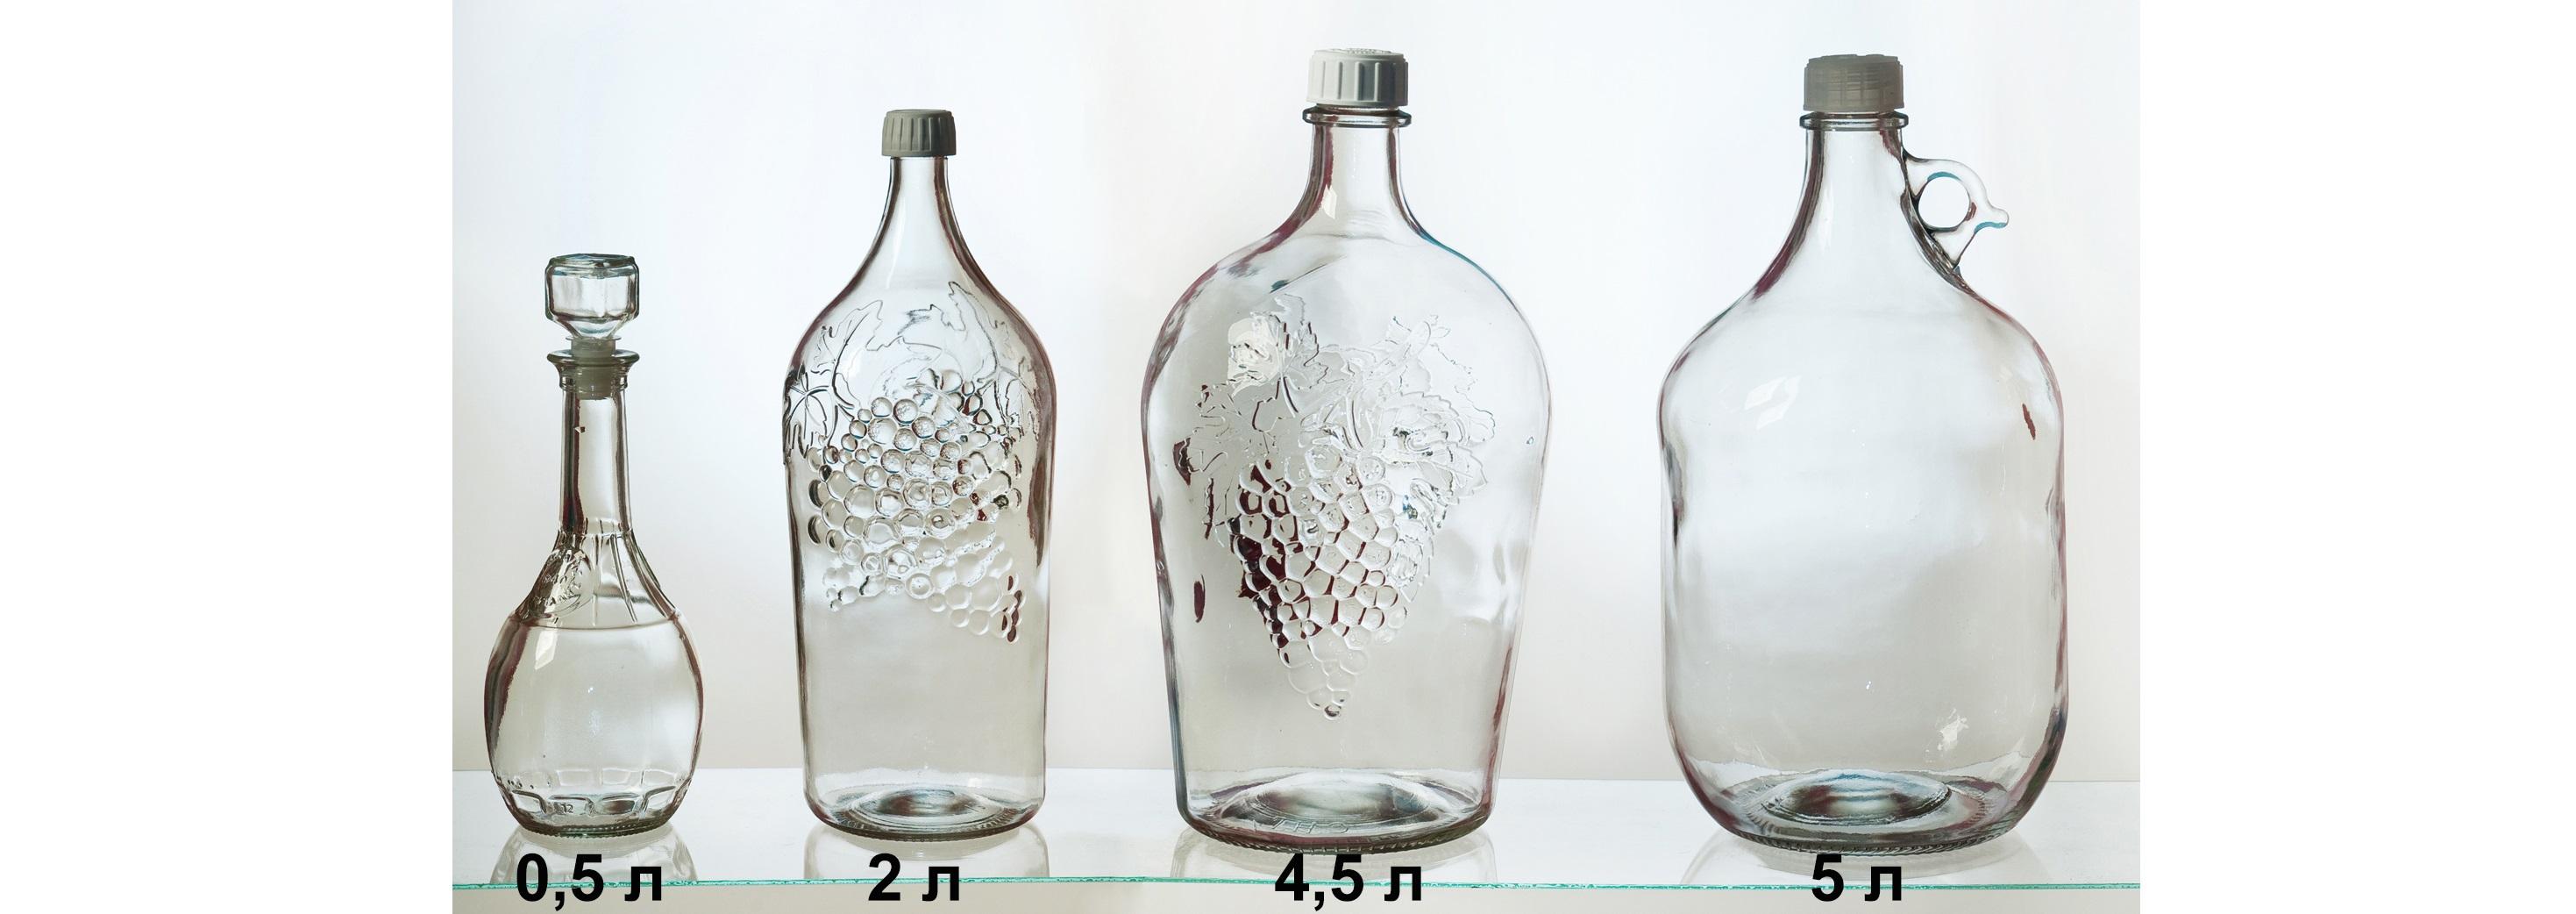 Презентация бутыли54